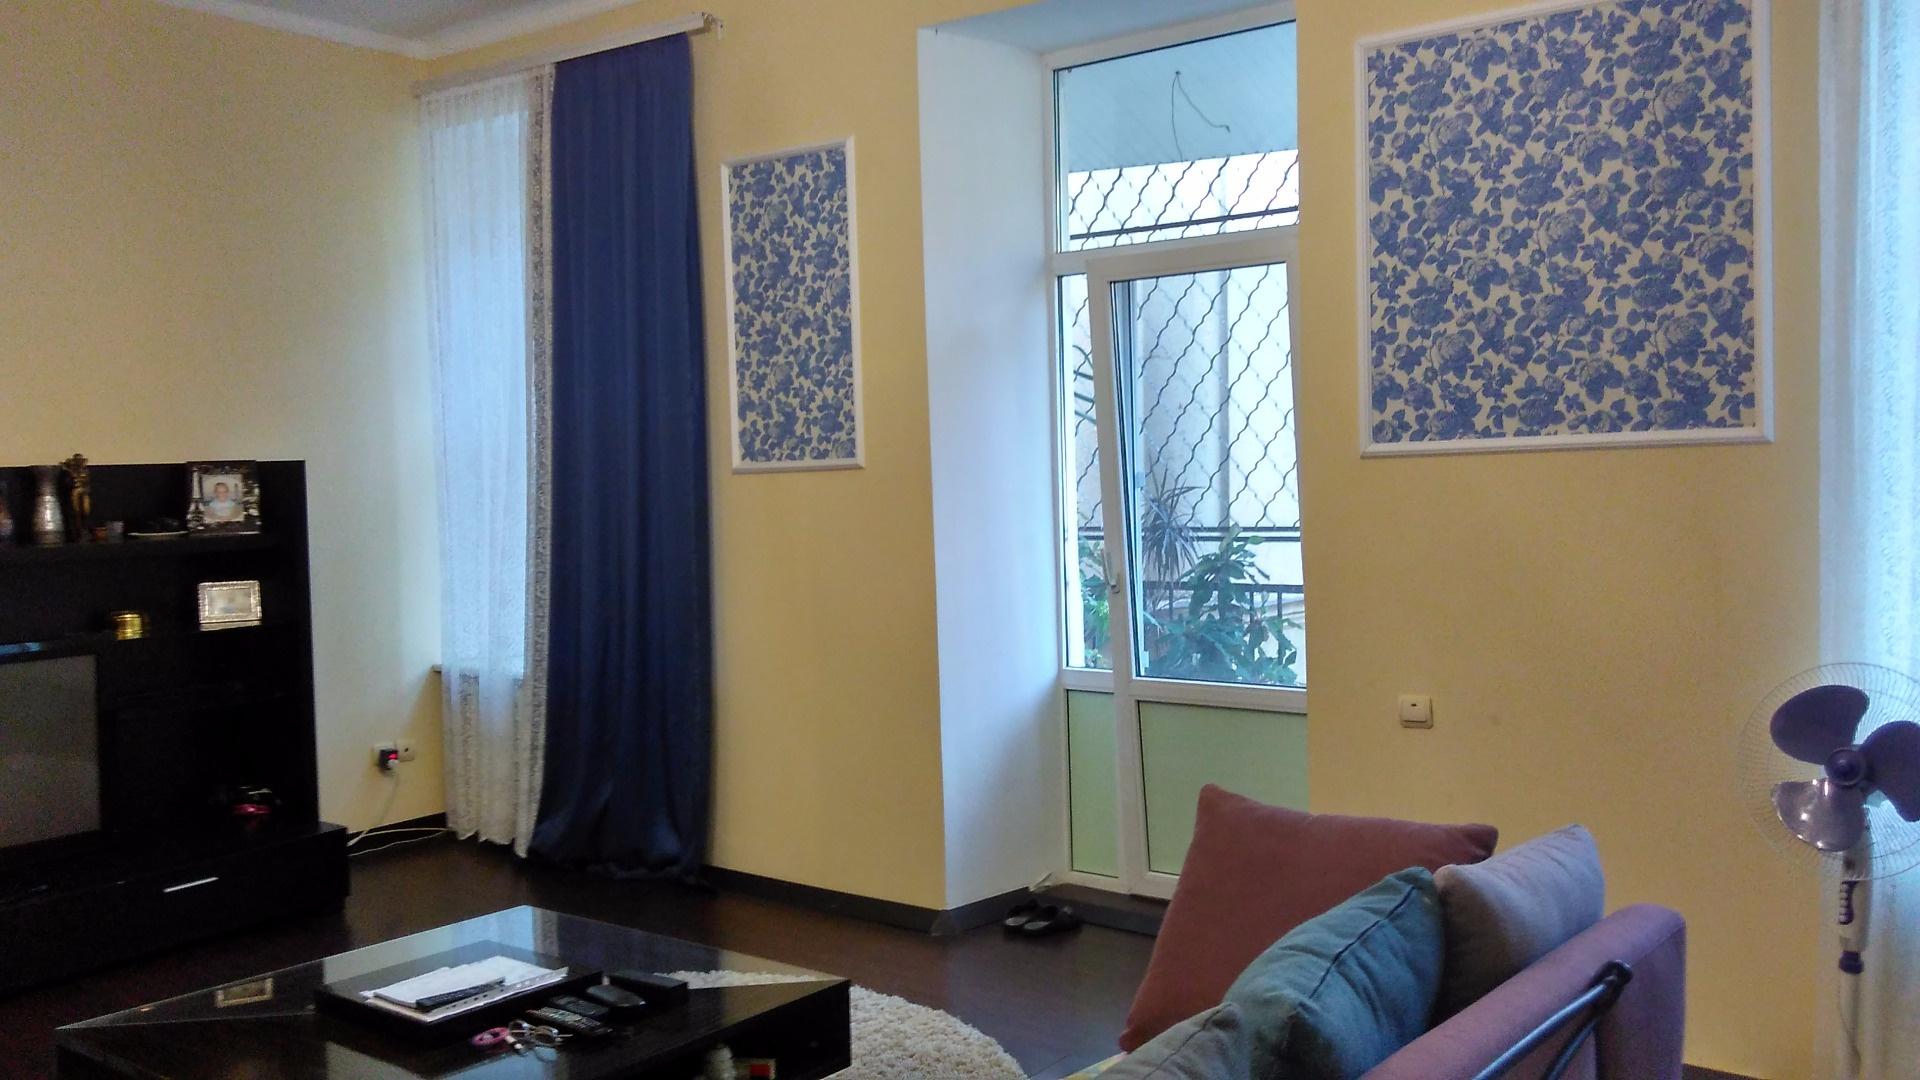 Продается 3-комнатная квартира на ул. Малая Арнаутская (Воровского) — 130 000 у.е. (фото №20)